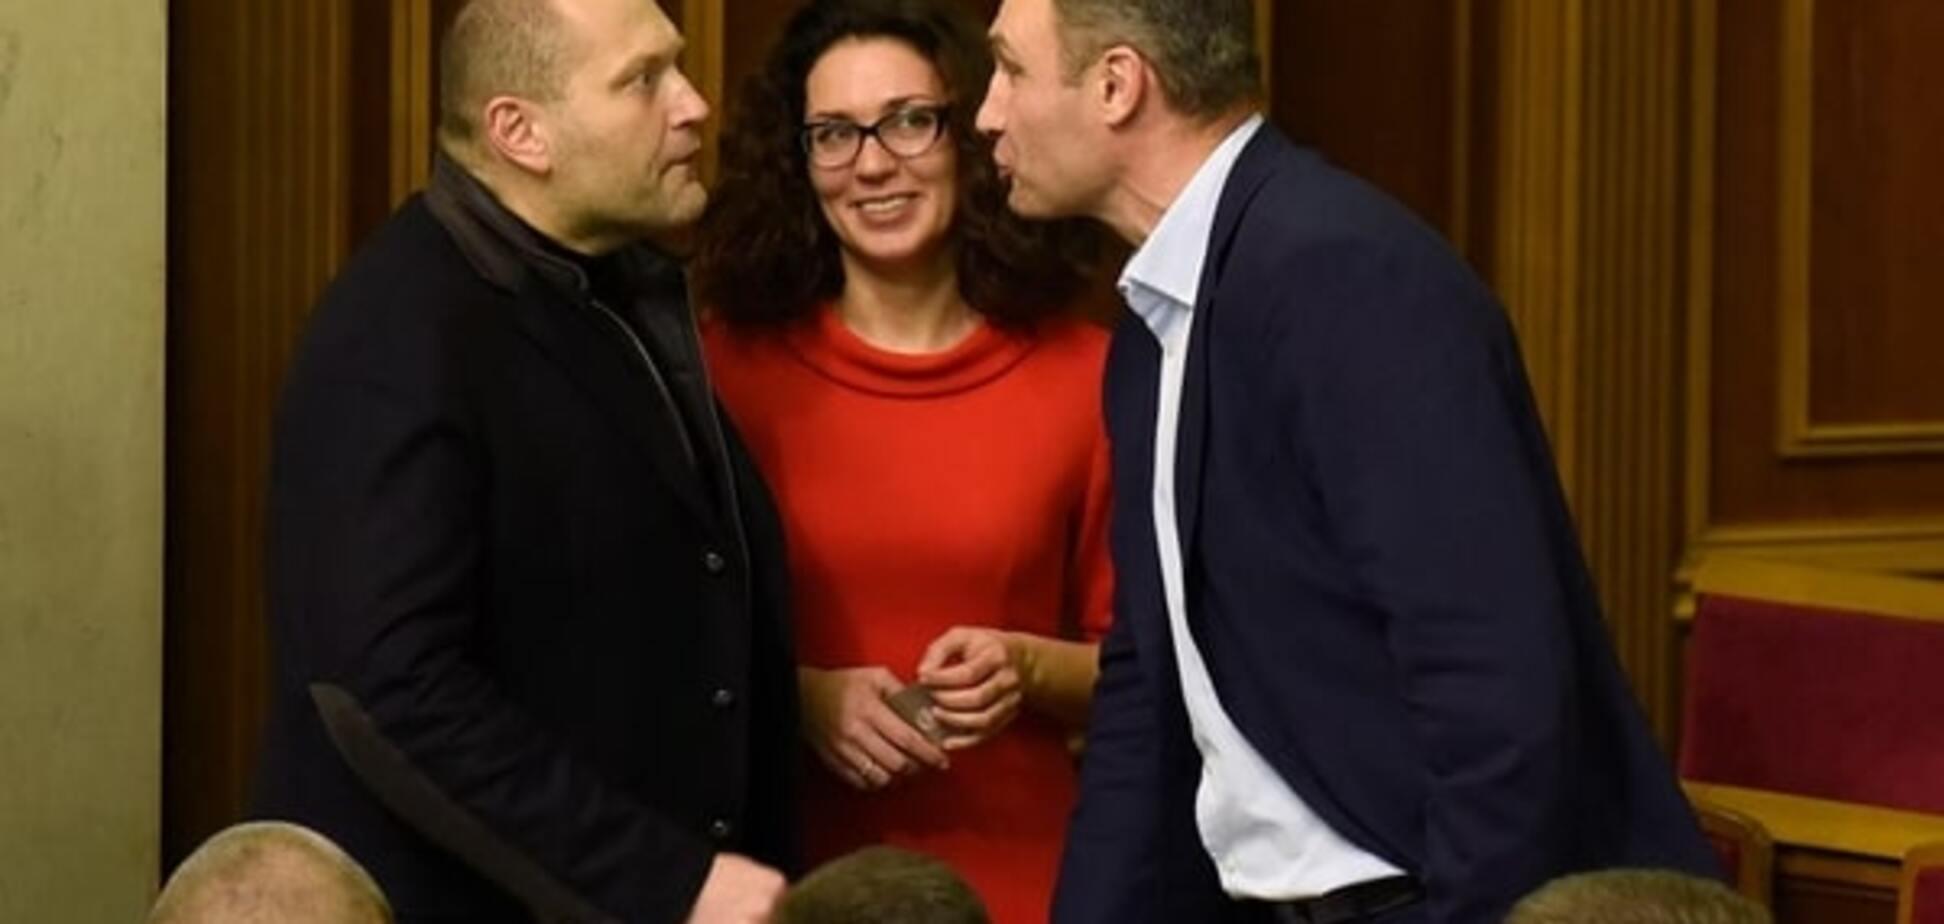 Кличко і Береза 'дебатували' у Раді кулаками, усмішками, і навіть губками-качечками